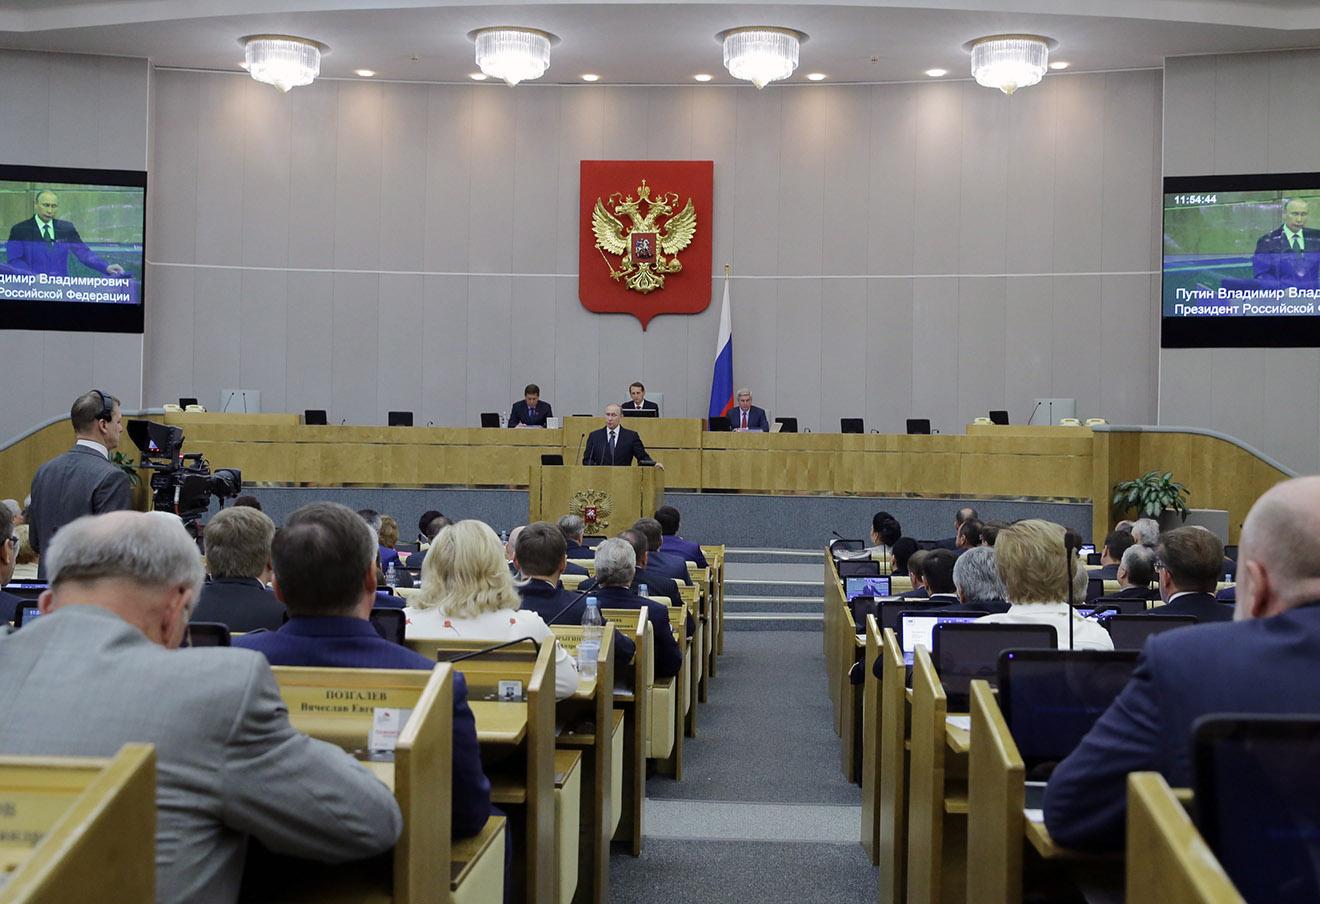 Владимир Путин (в центре) на пленарном заседании Государственной думы РФ. Фото: Михаил Метцель / ТАСС